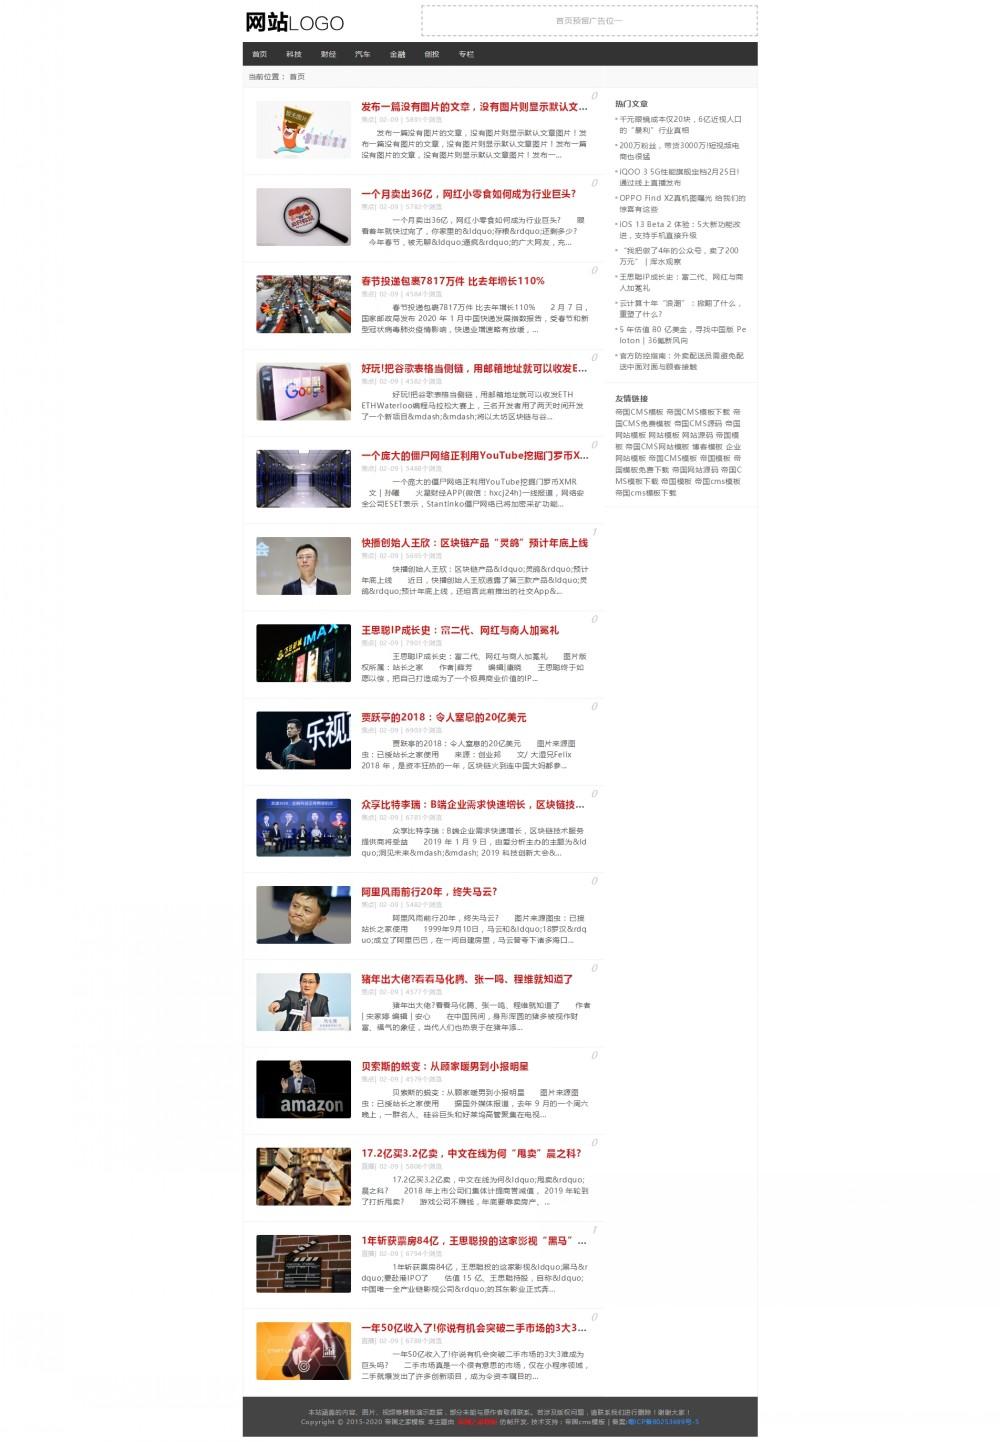 1网站首页.jpg [DG-0234]响应式仿煎蛋网帝国cms模板 HTML5仿煎蛋网资讯帝国网站模板下载 新闻资讯 第1张